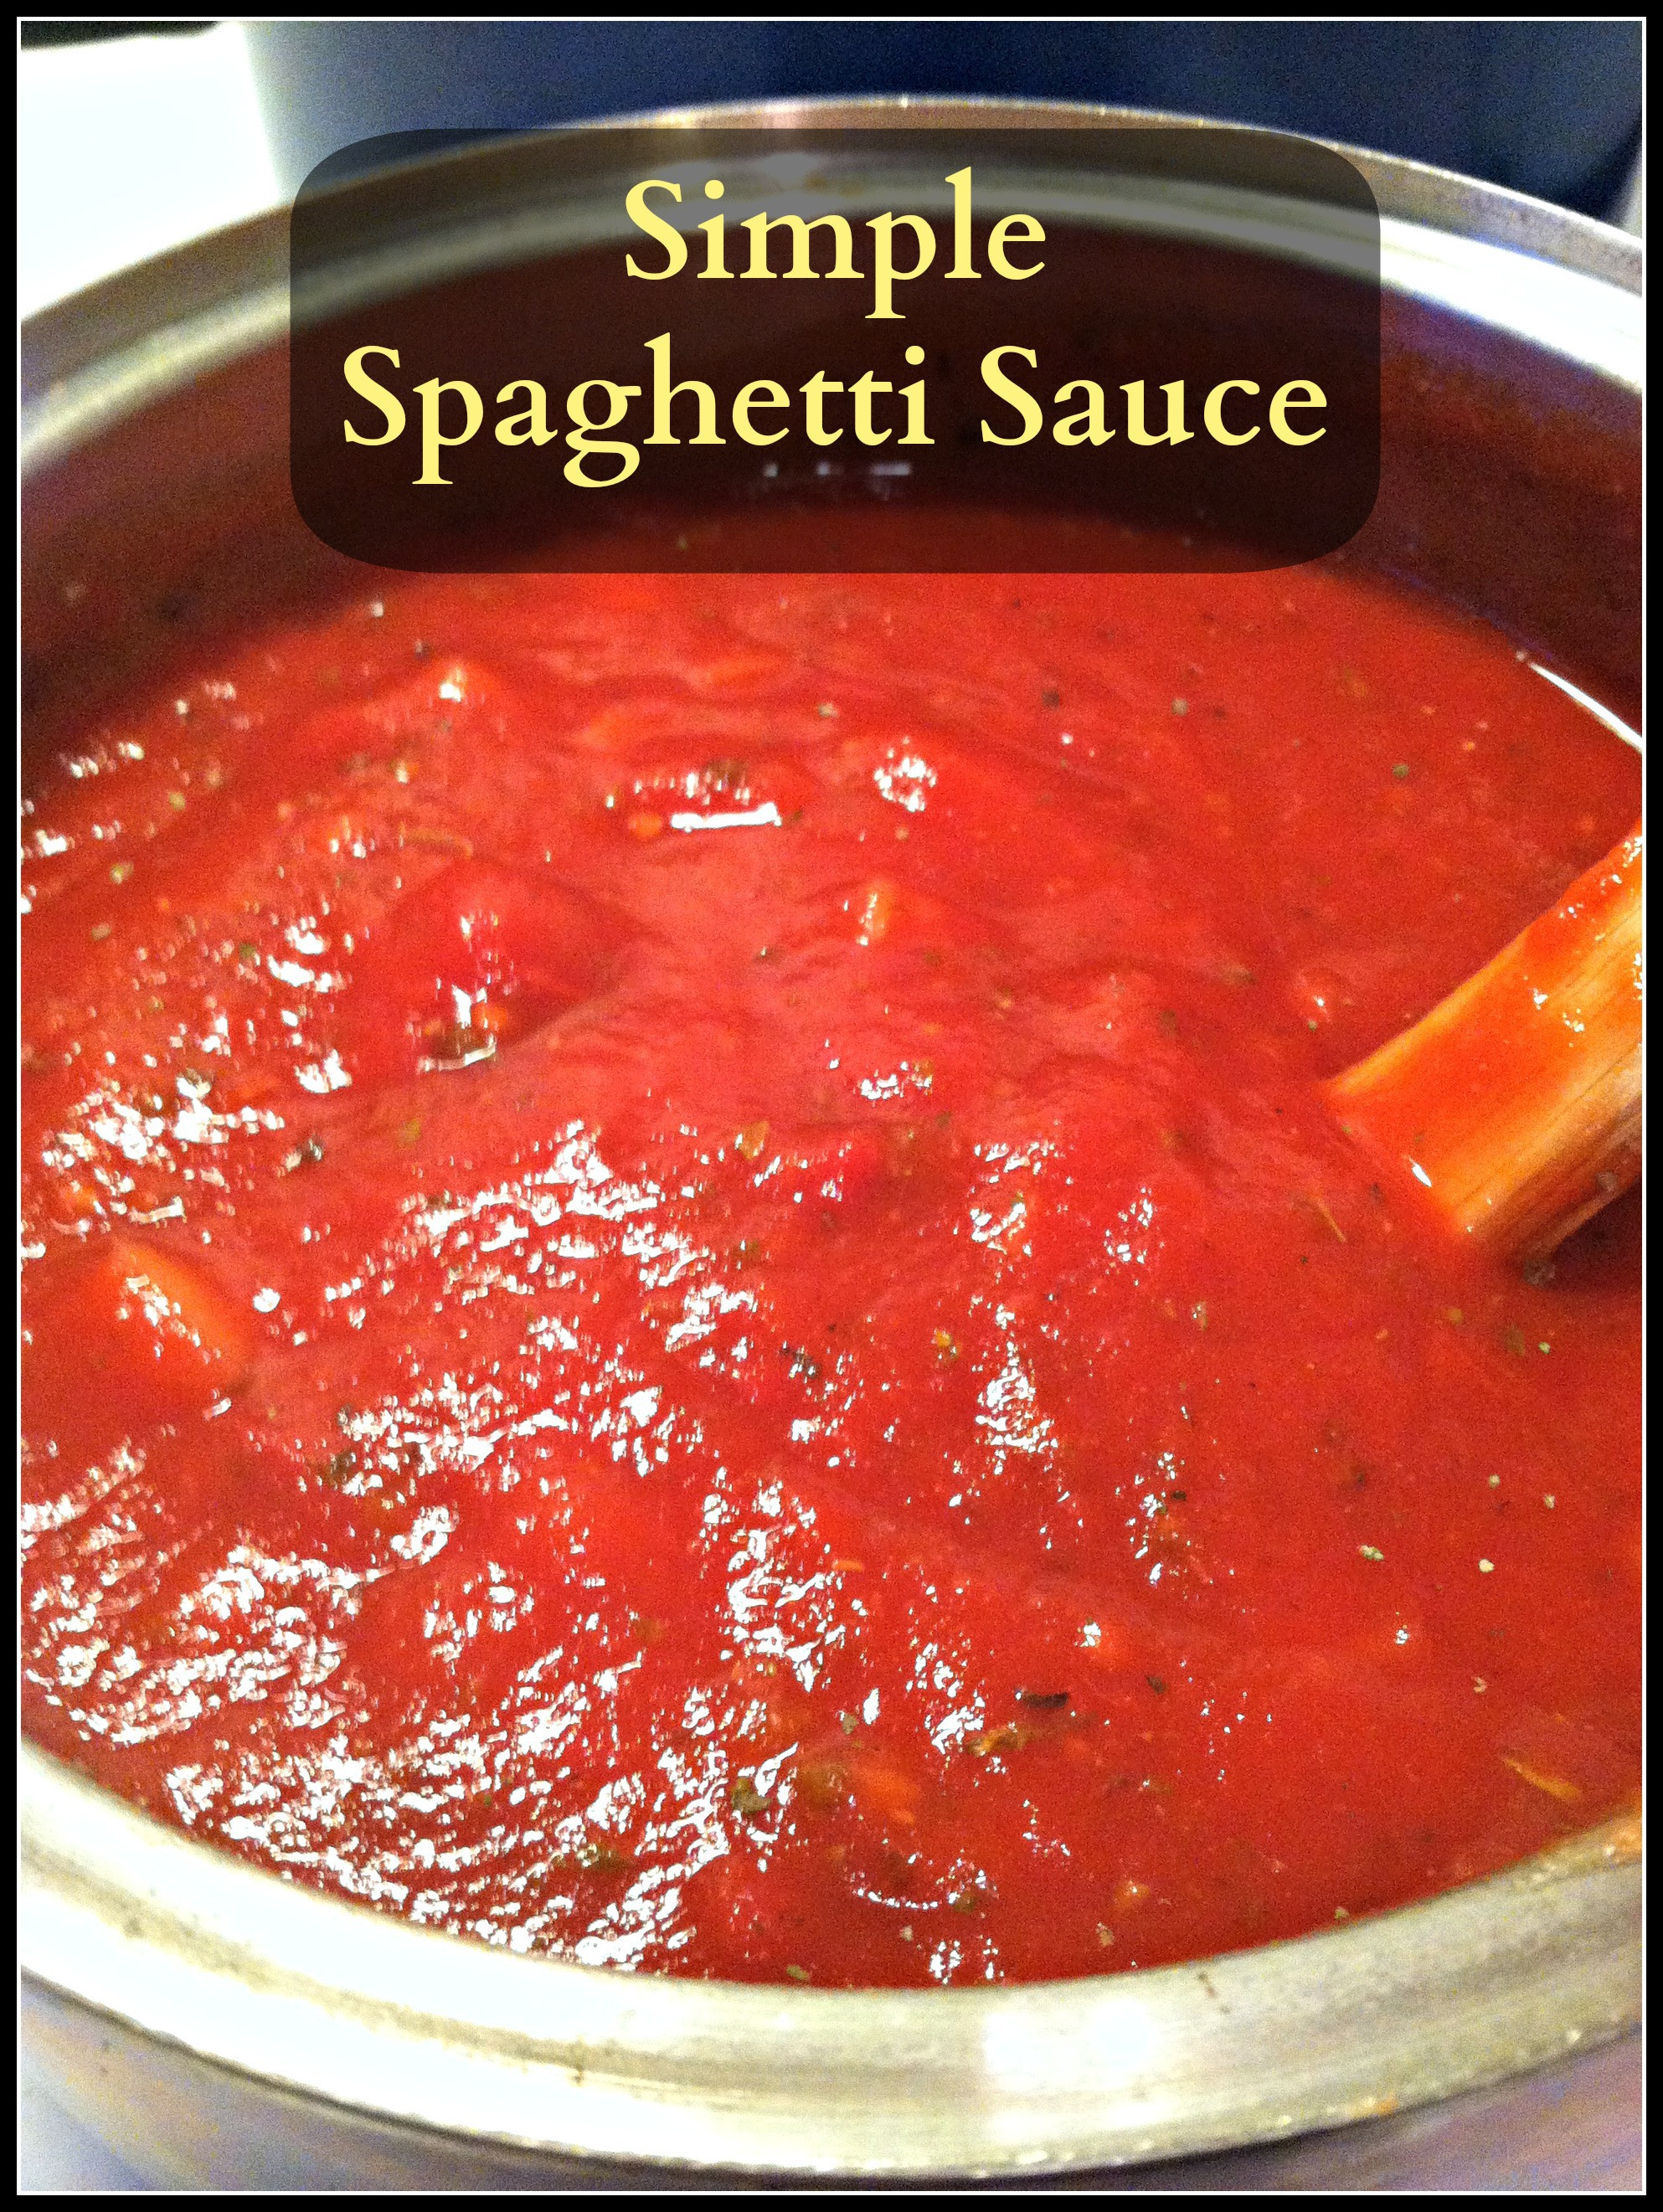 Simple Spaghetti Sauce Recipe  Simple Spaghetti Sauce Living a Sunshine Life